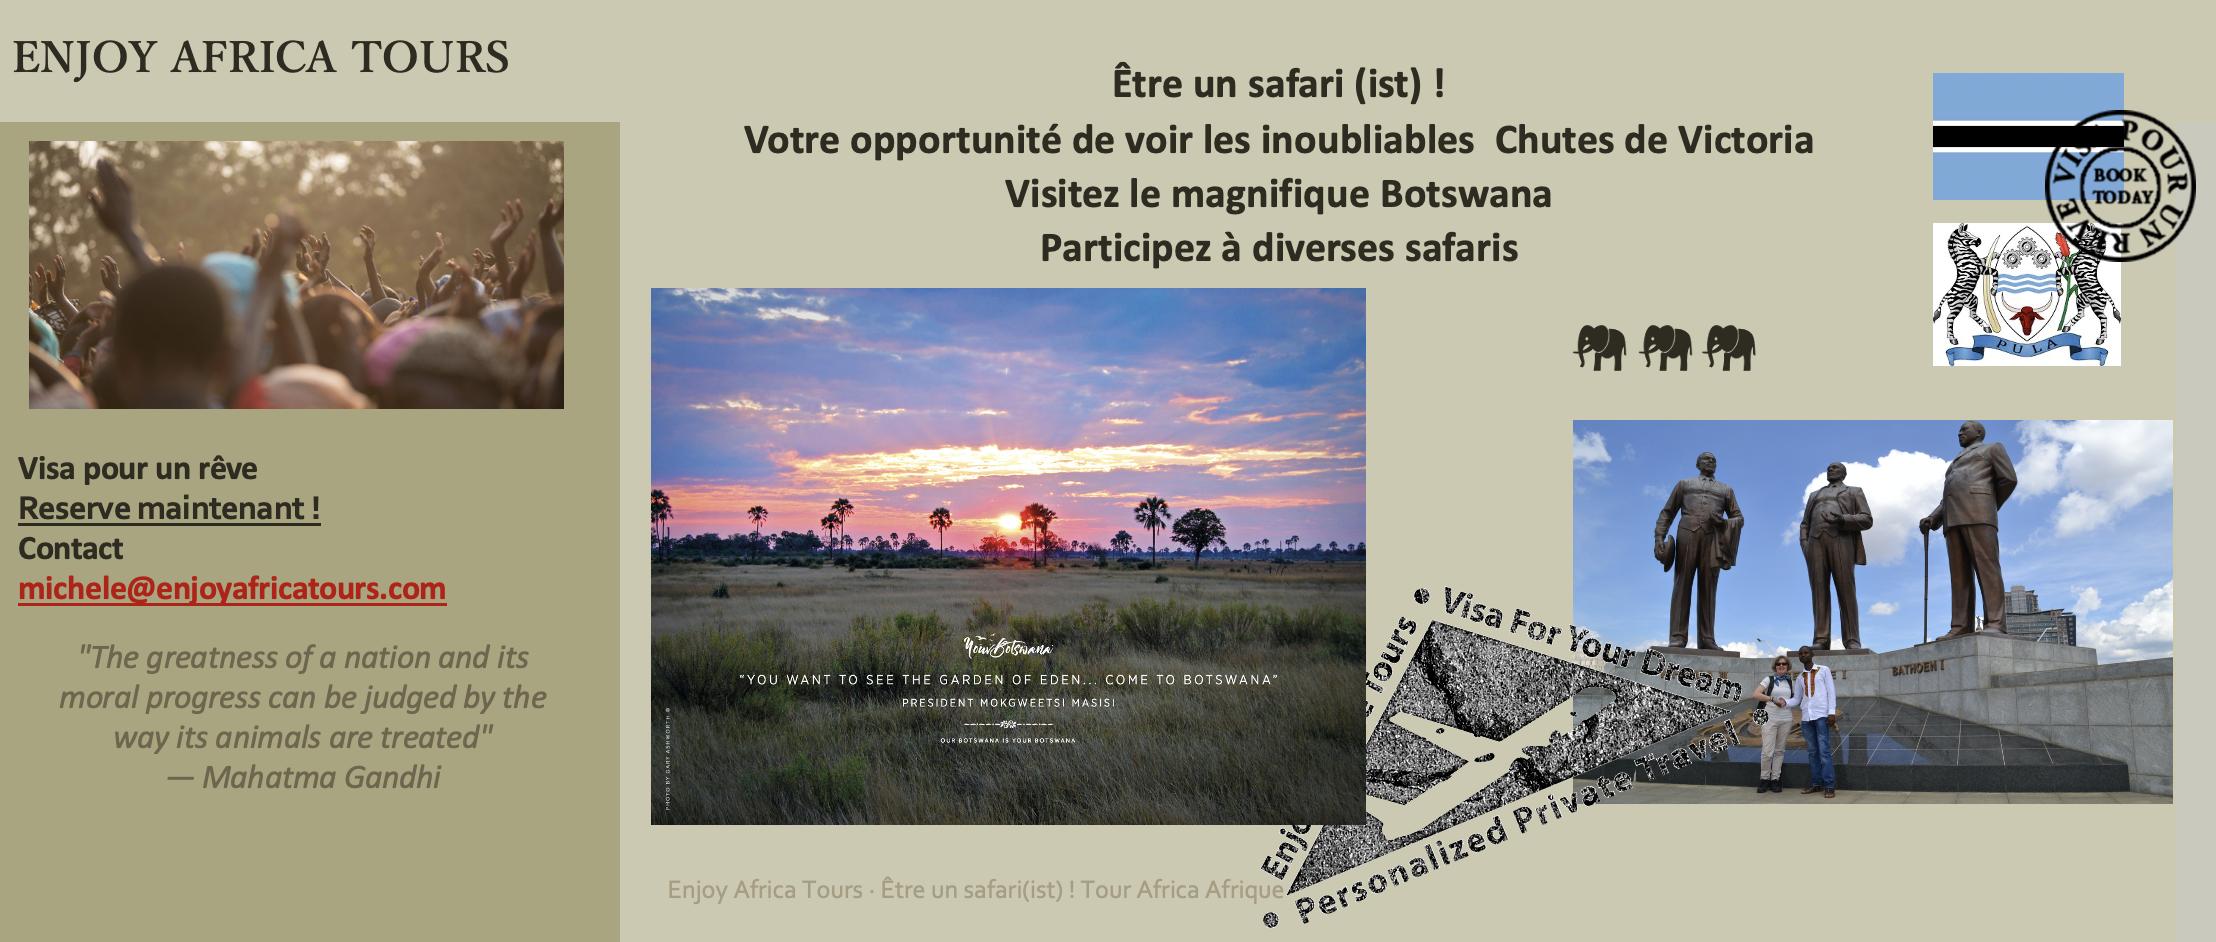 Enjoy Afrique Tours Website Pg 4